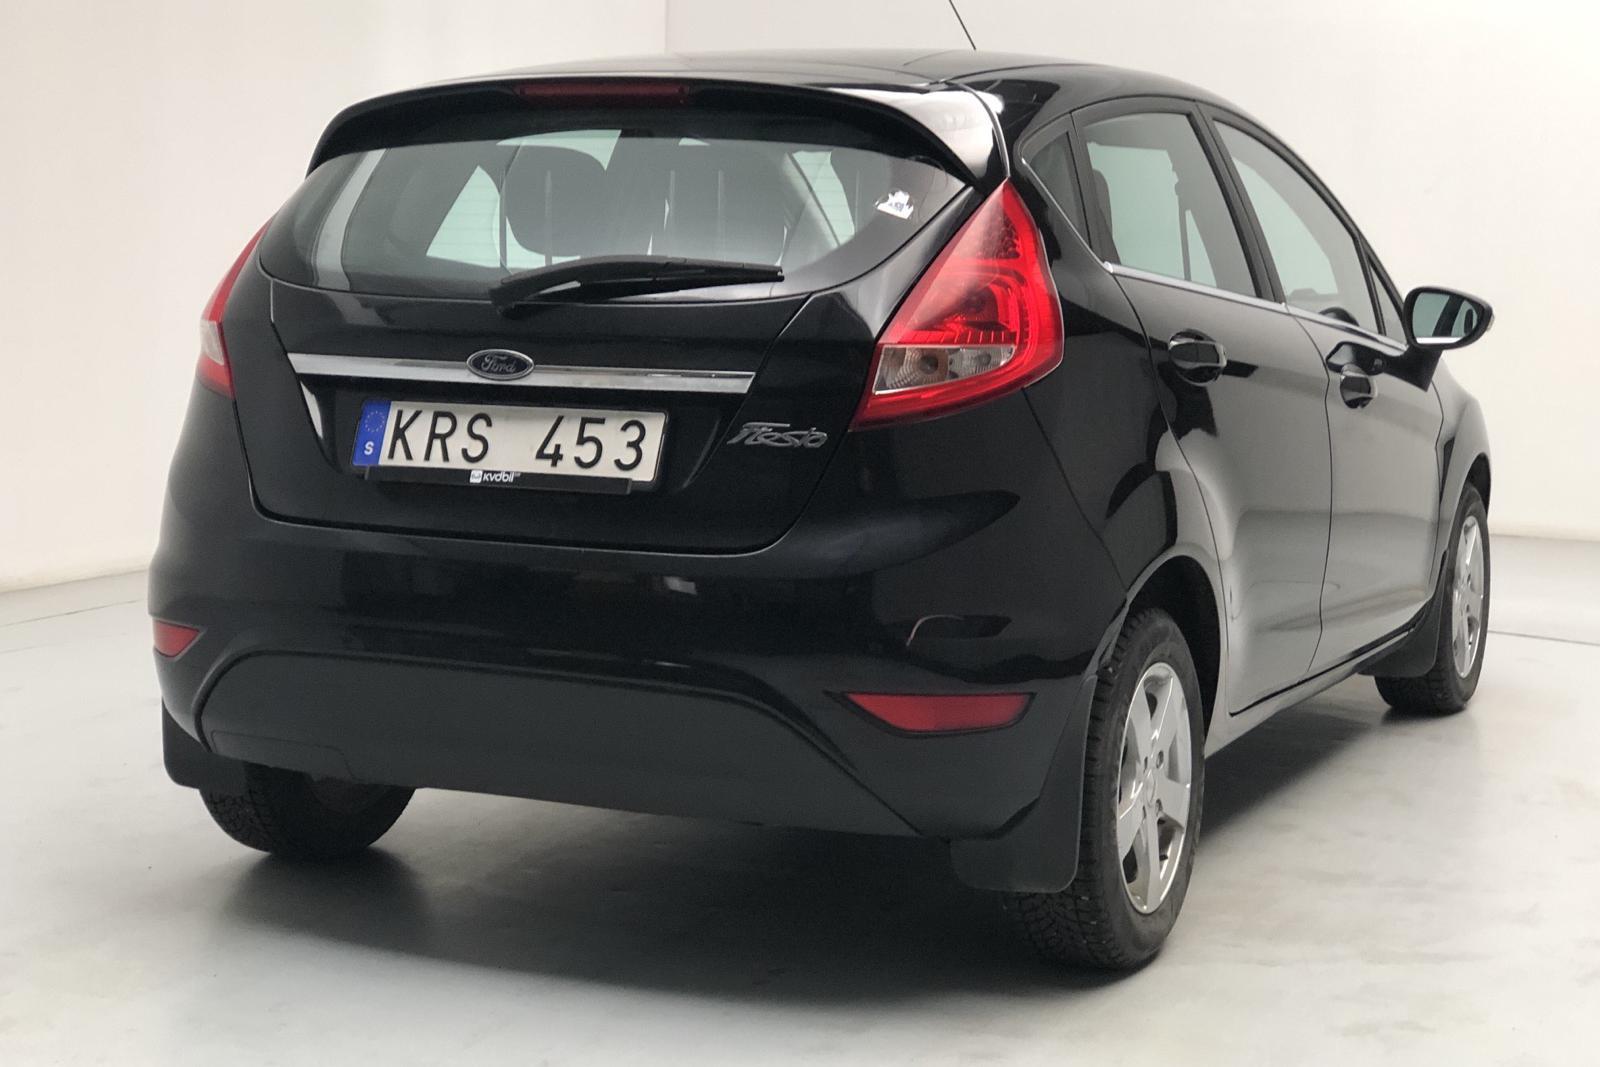 Ford Fiesta 1.25 5dr (82hk) - 7 654 mil - Manuell - svart - 2010